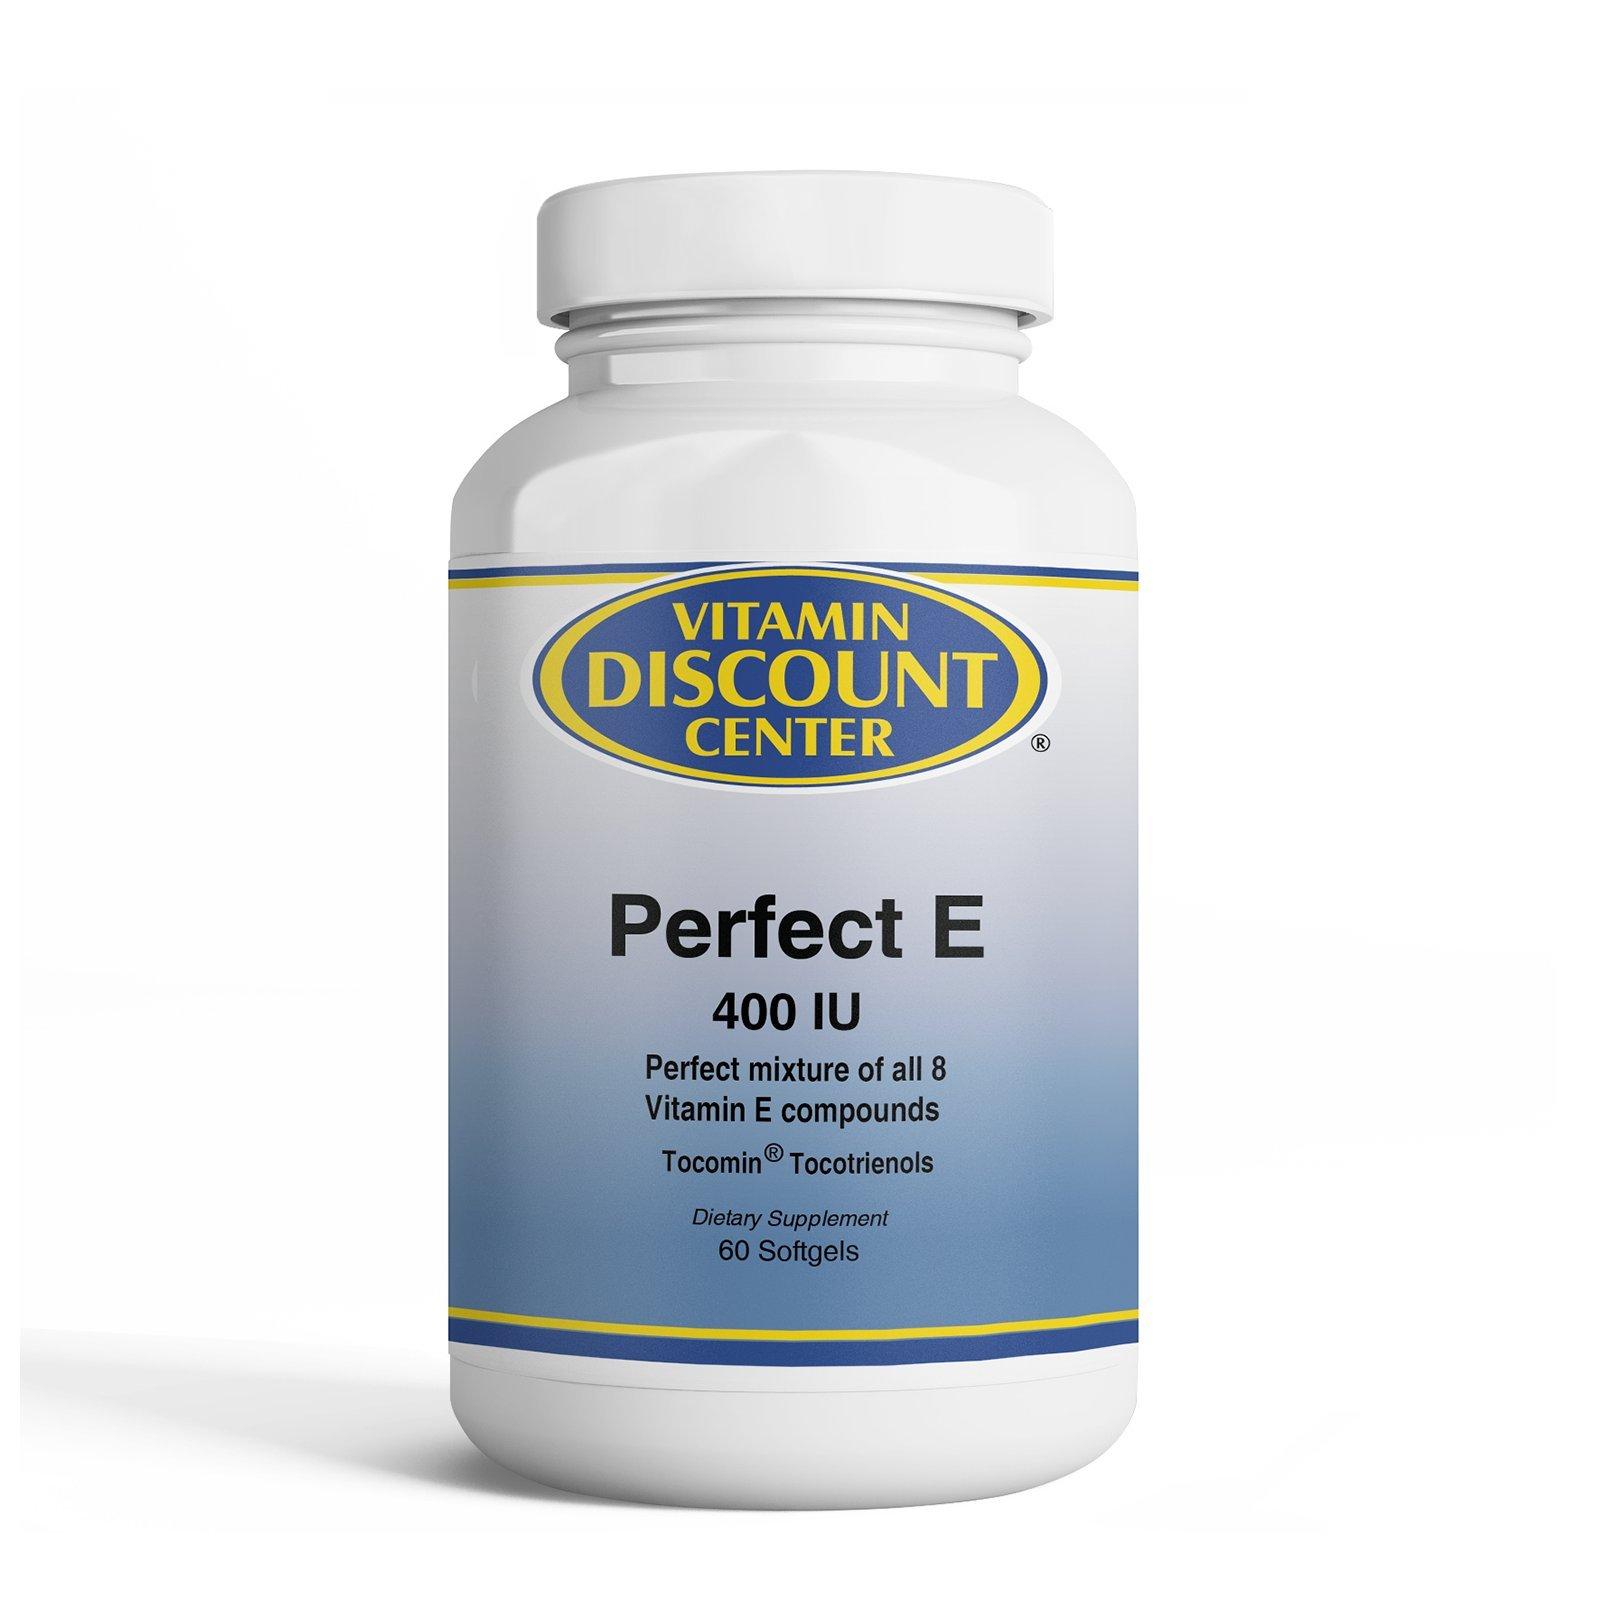 Vitamin Discount Center Perfect E 400 IU Tocotrienols, 60 Softgels